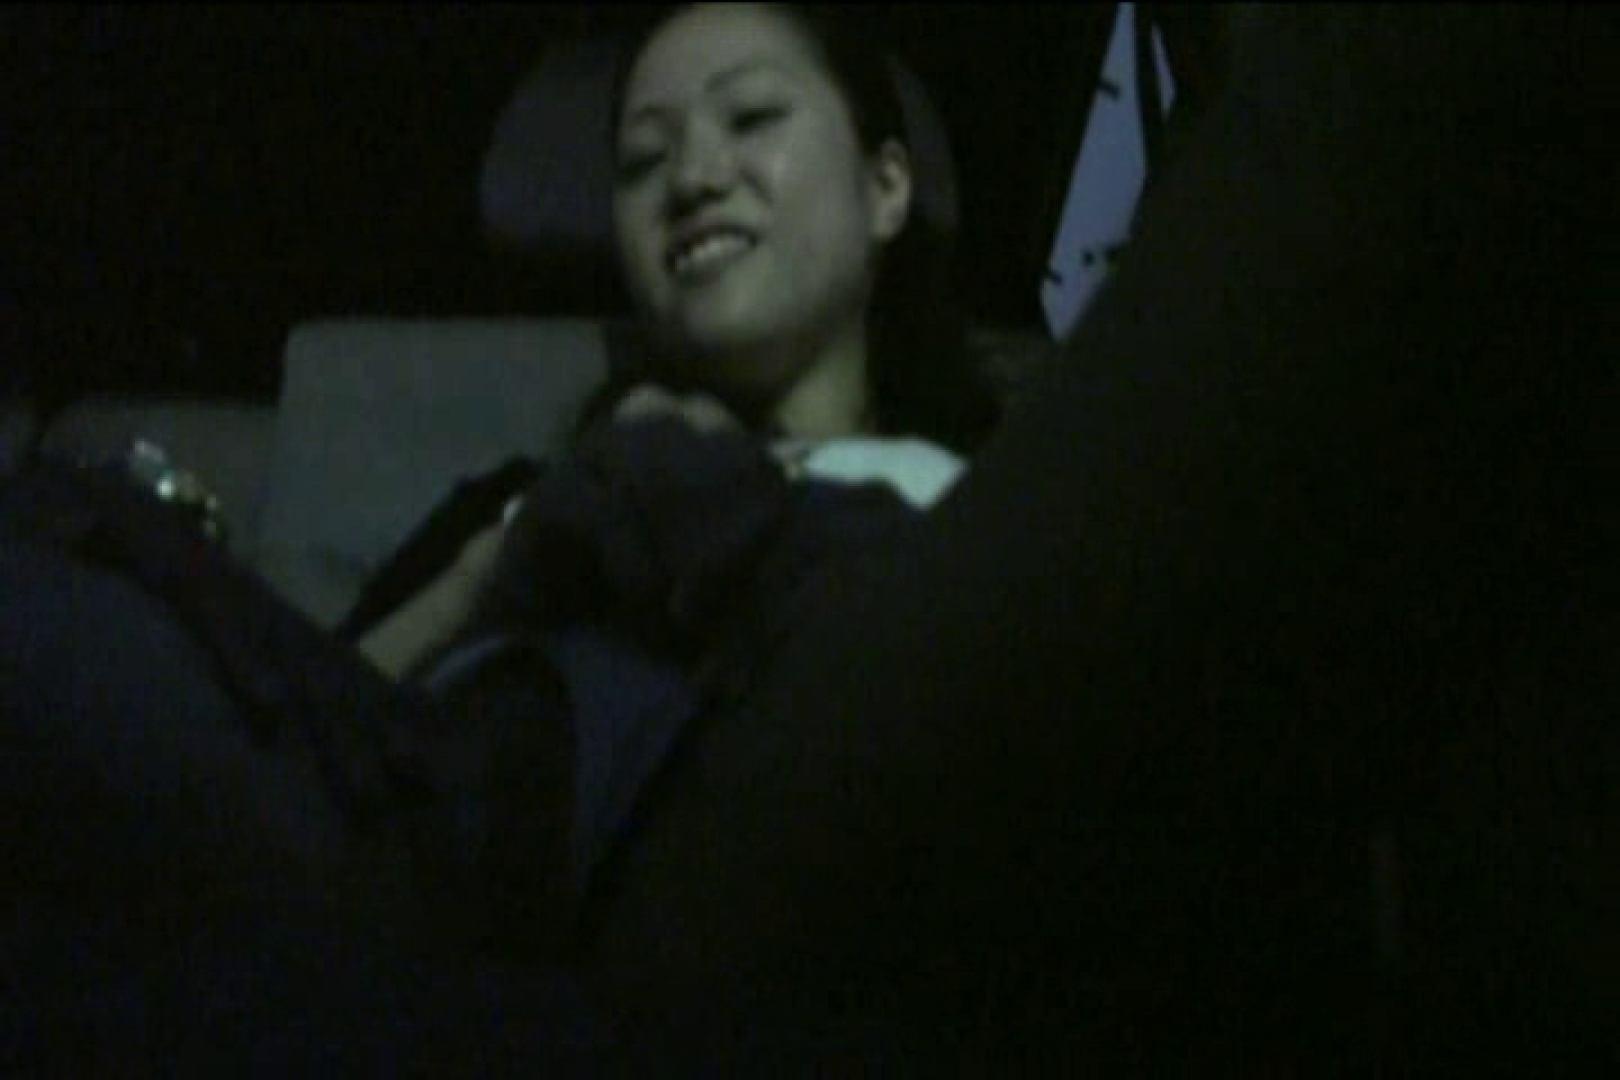 車内で初めまして! vol01 OLのエロ生活  105連発 98